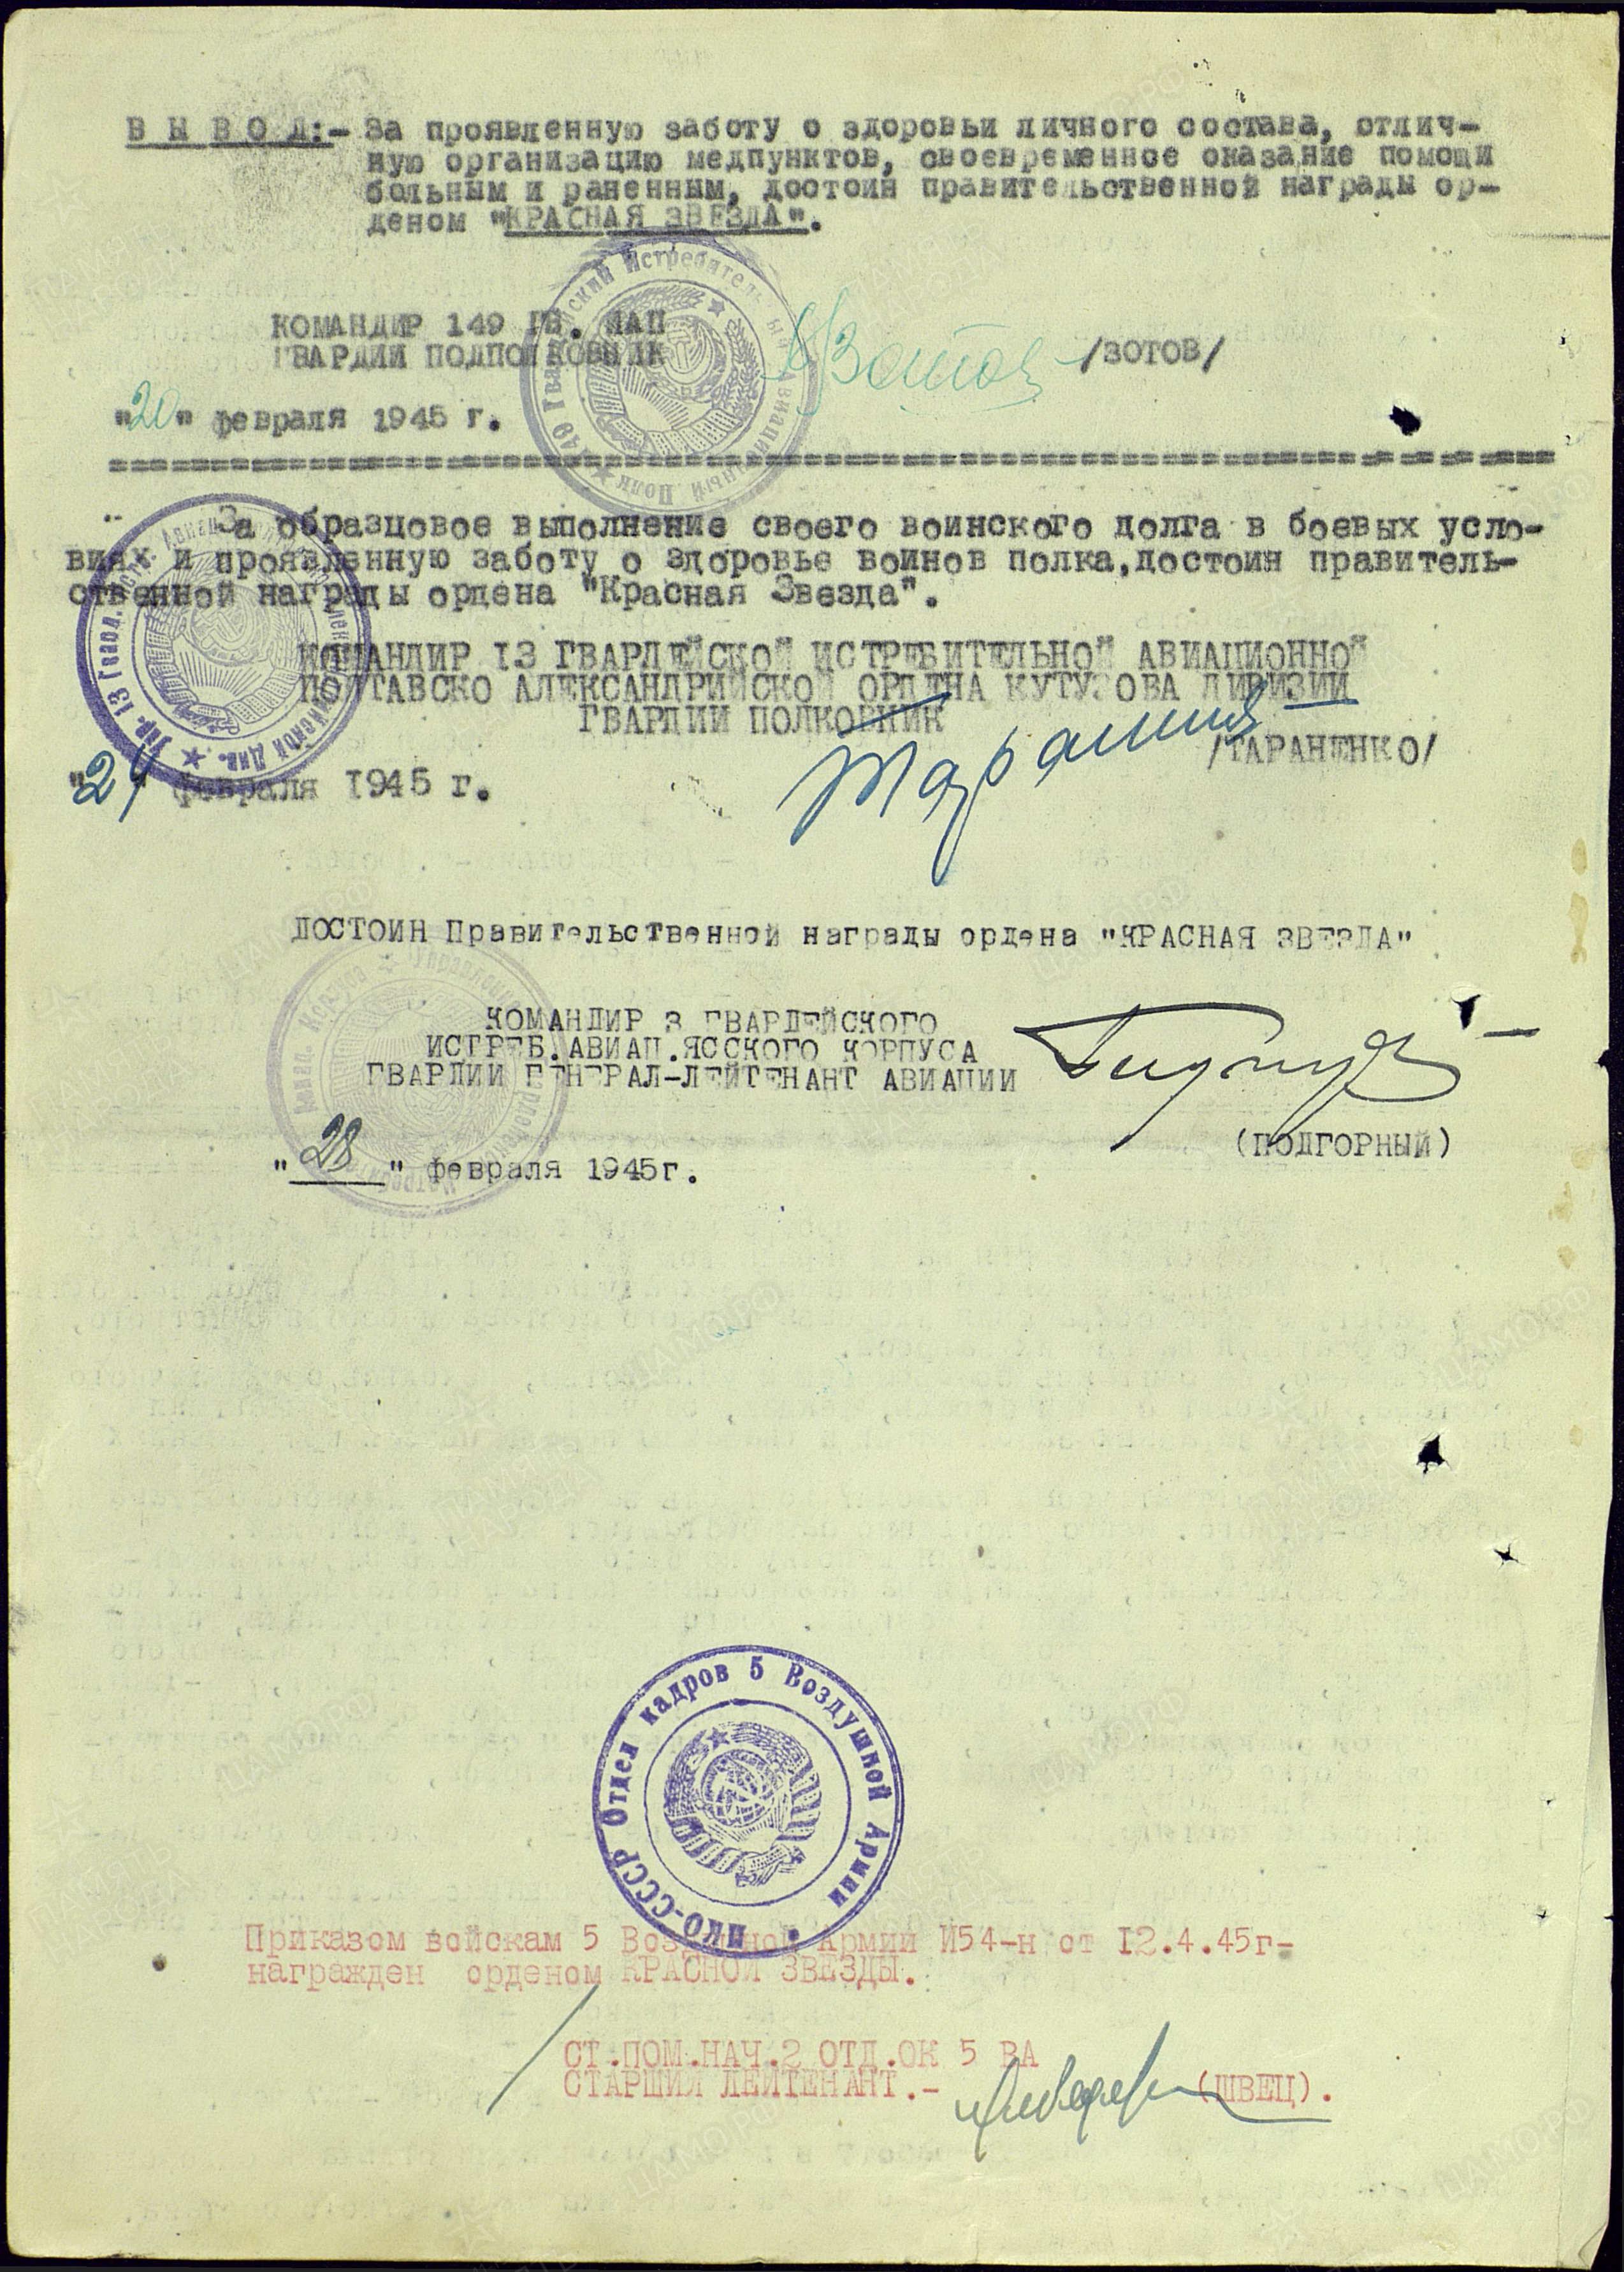 Наградной лист Н.А. Лысакова к ордену Красной Звезды